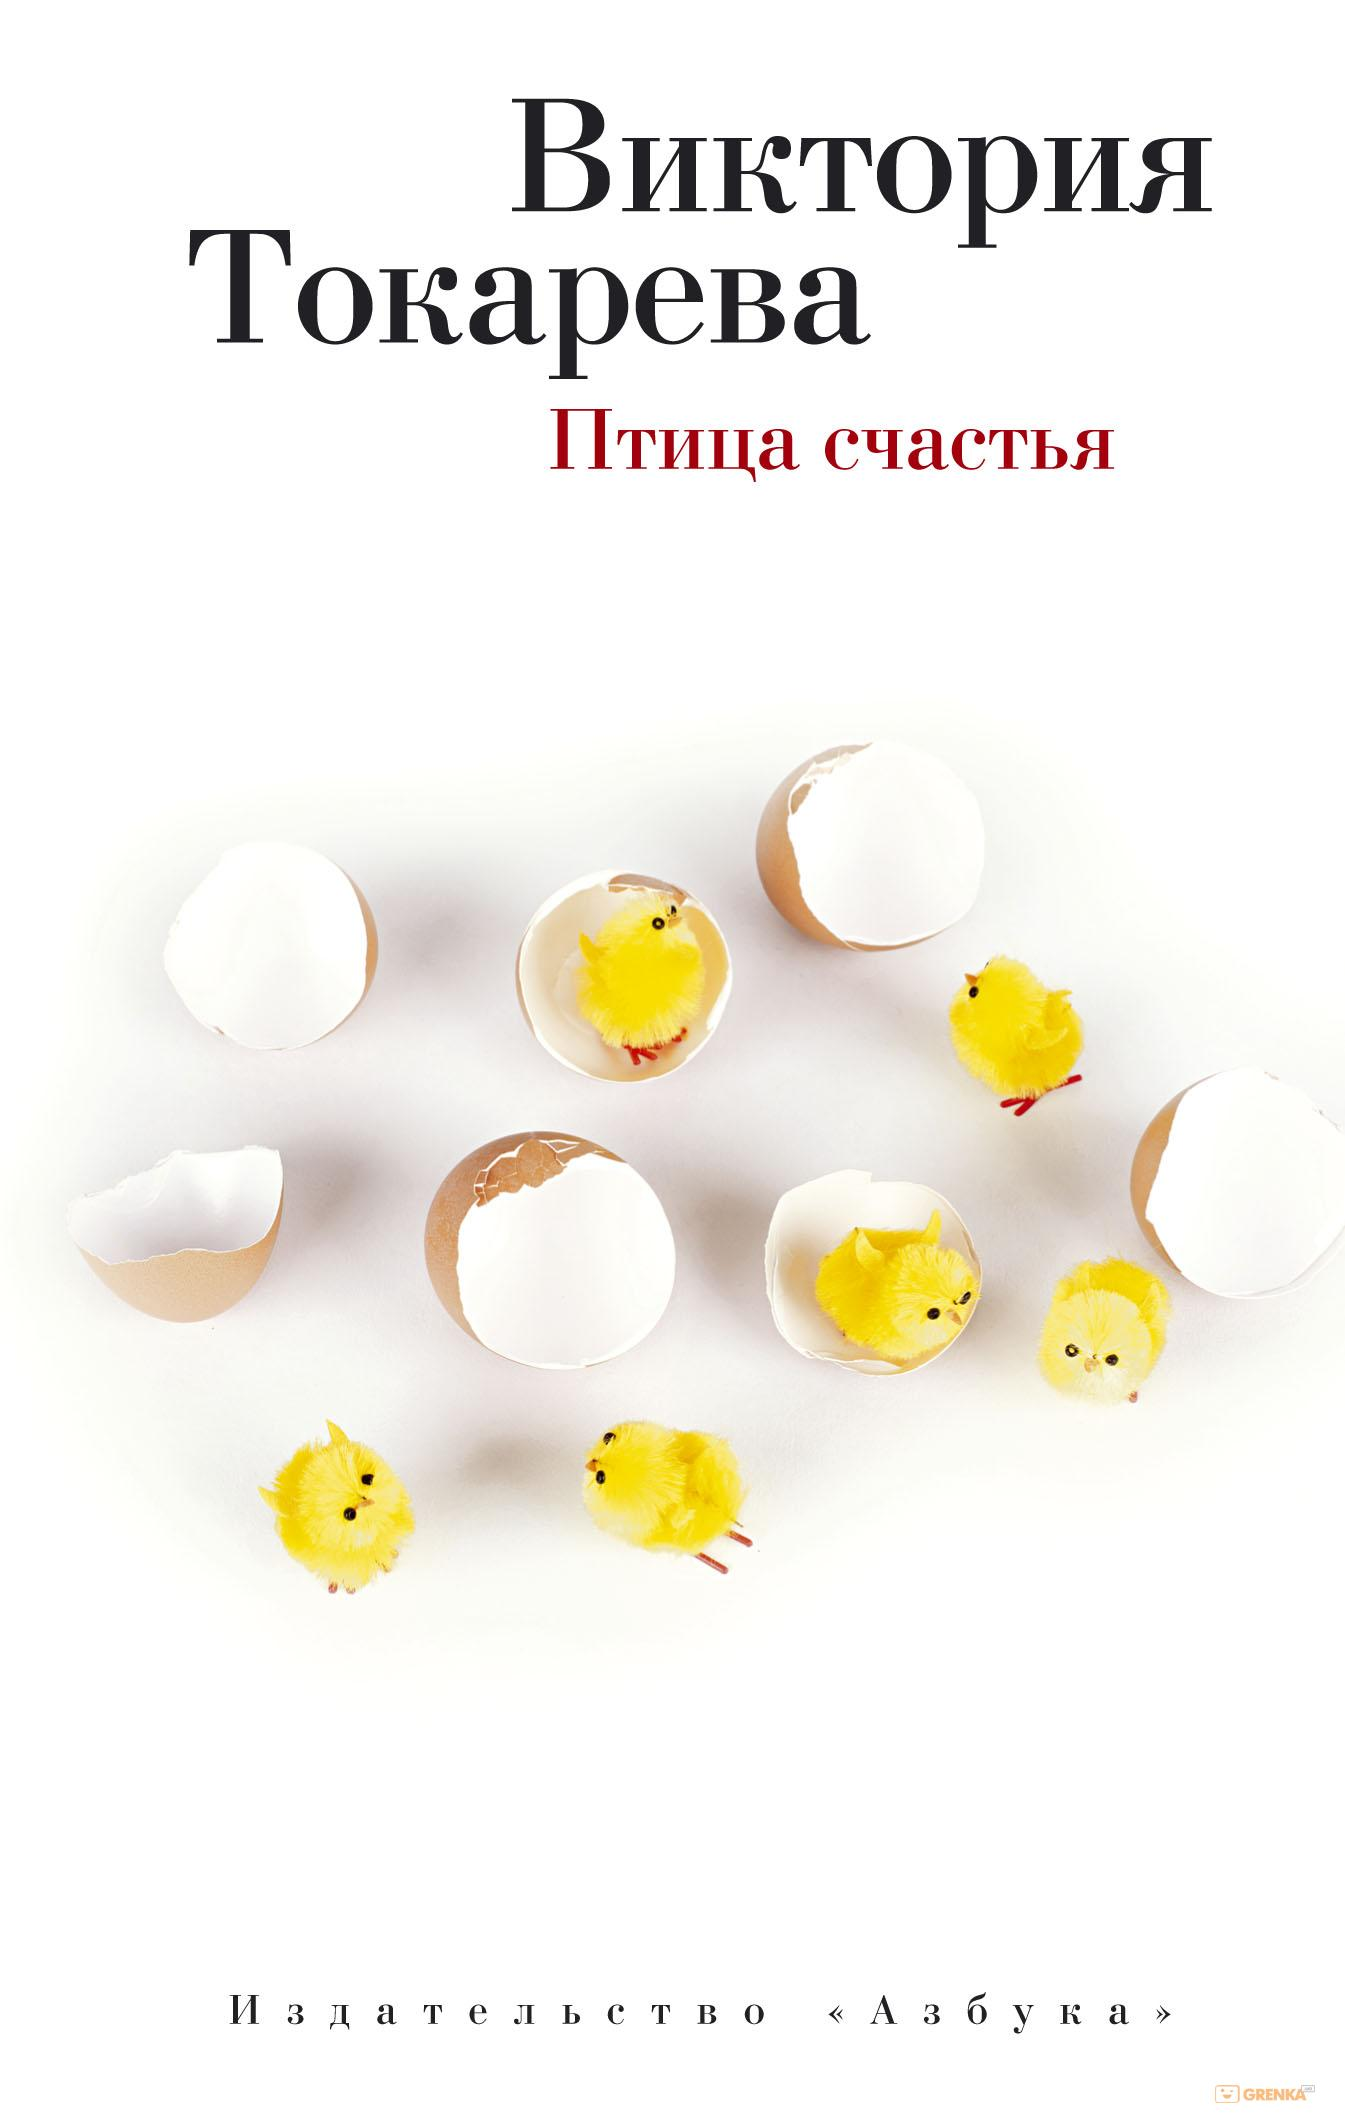 Птица счастья, Виктория Токарева, 978-5-389-08810-8  - купить со скидкой